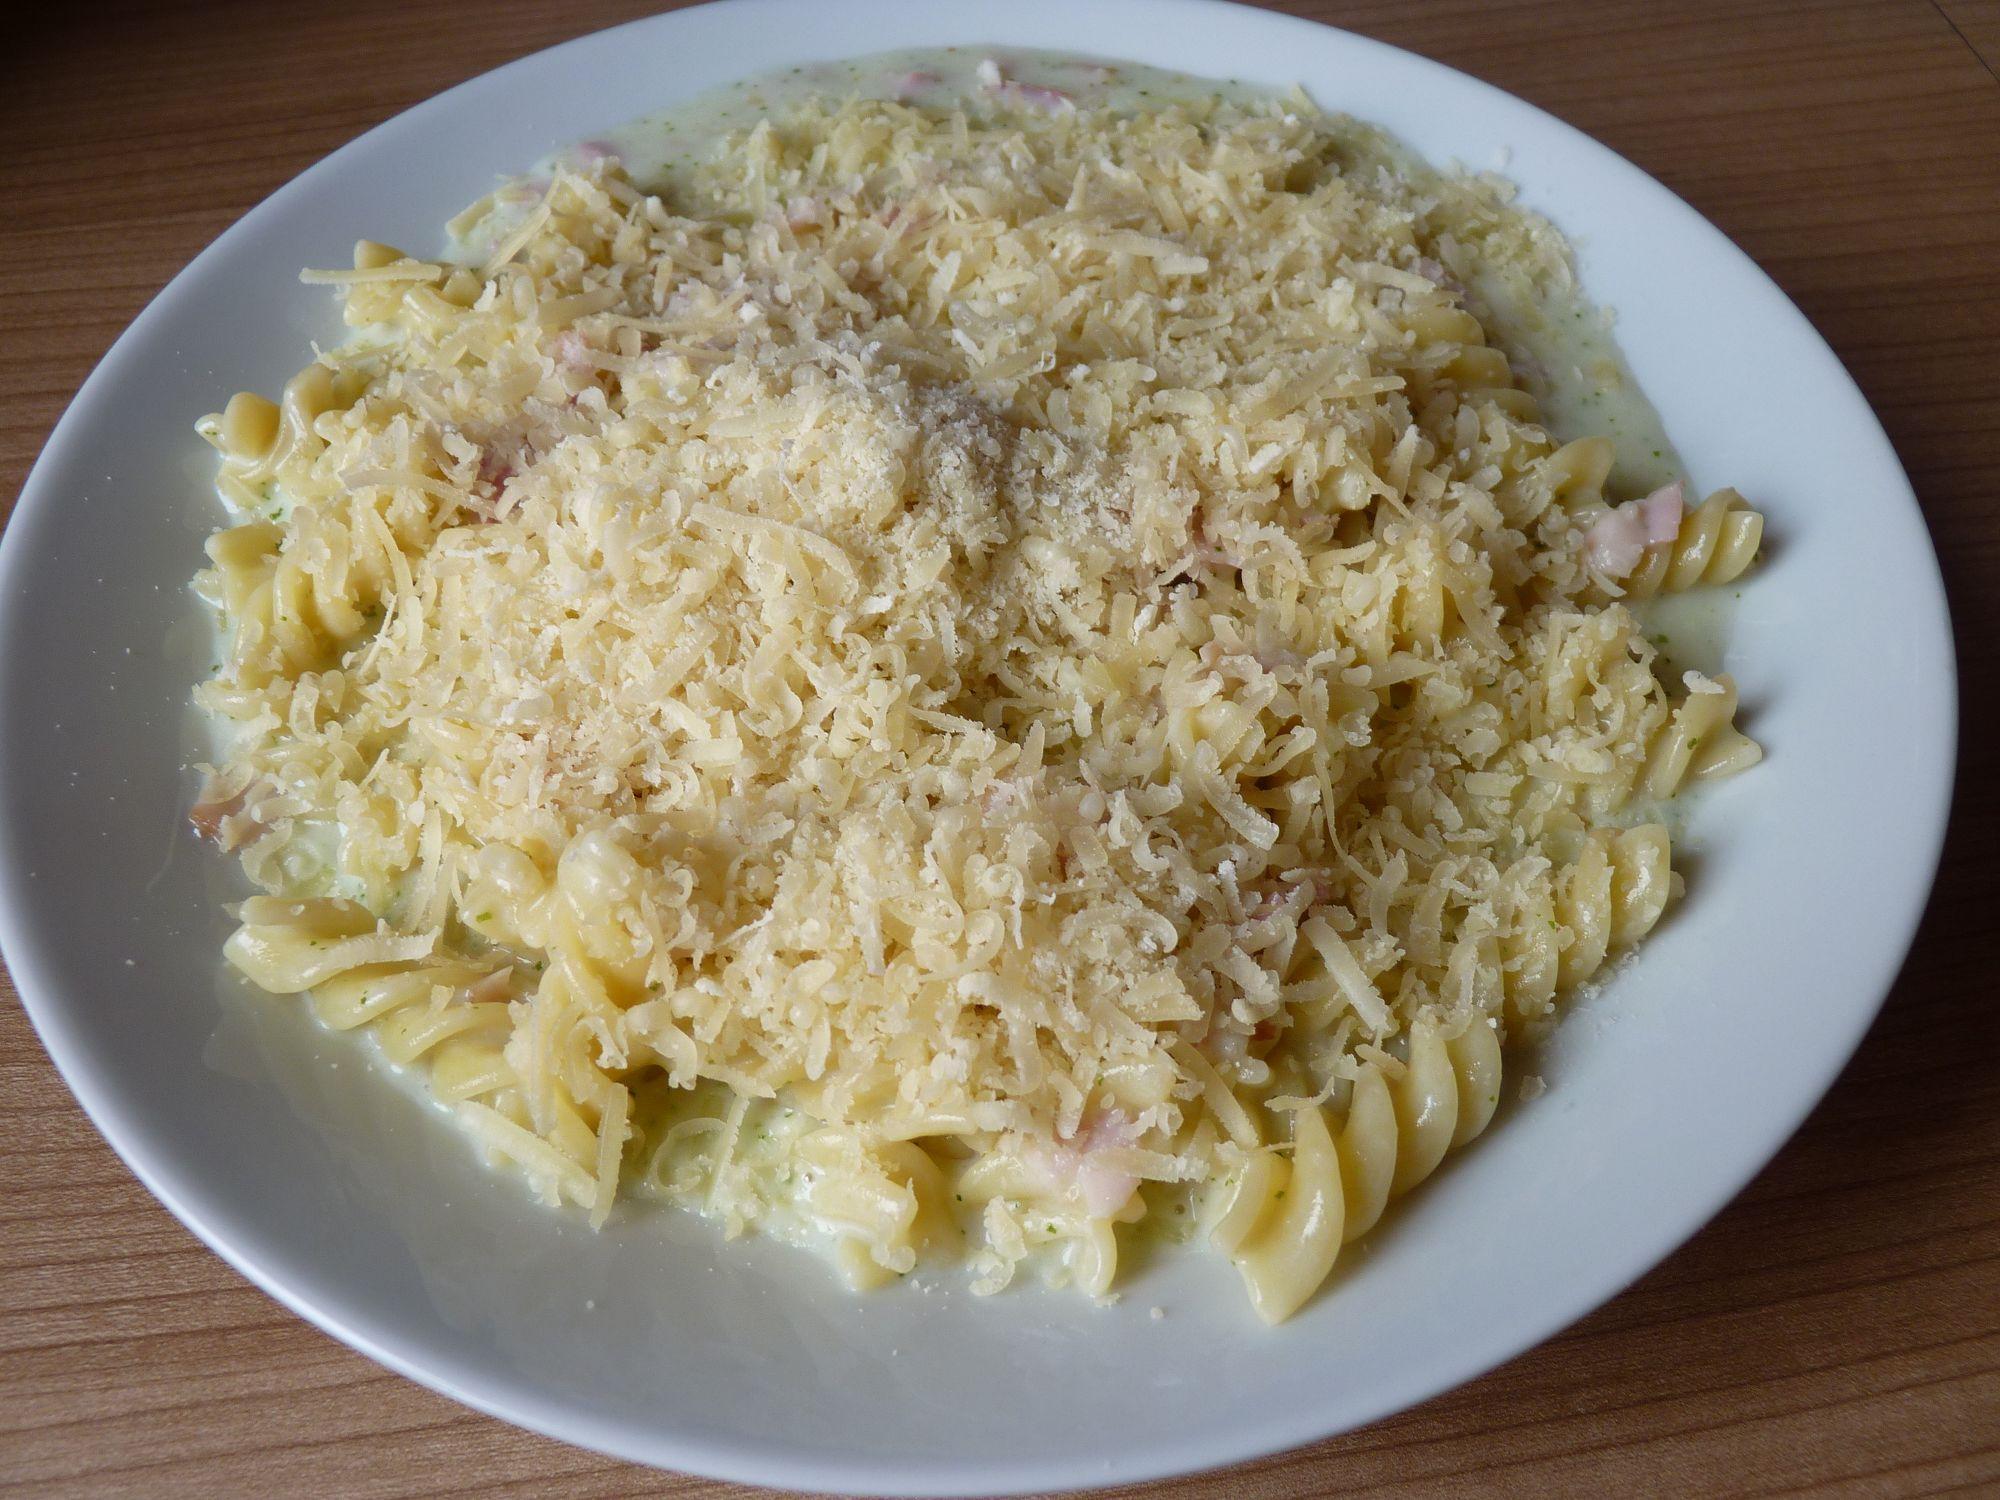 Fotografie receptu: Těstoviny se sýrovou omáčkou a pestem